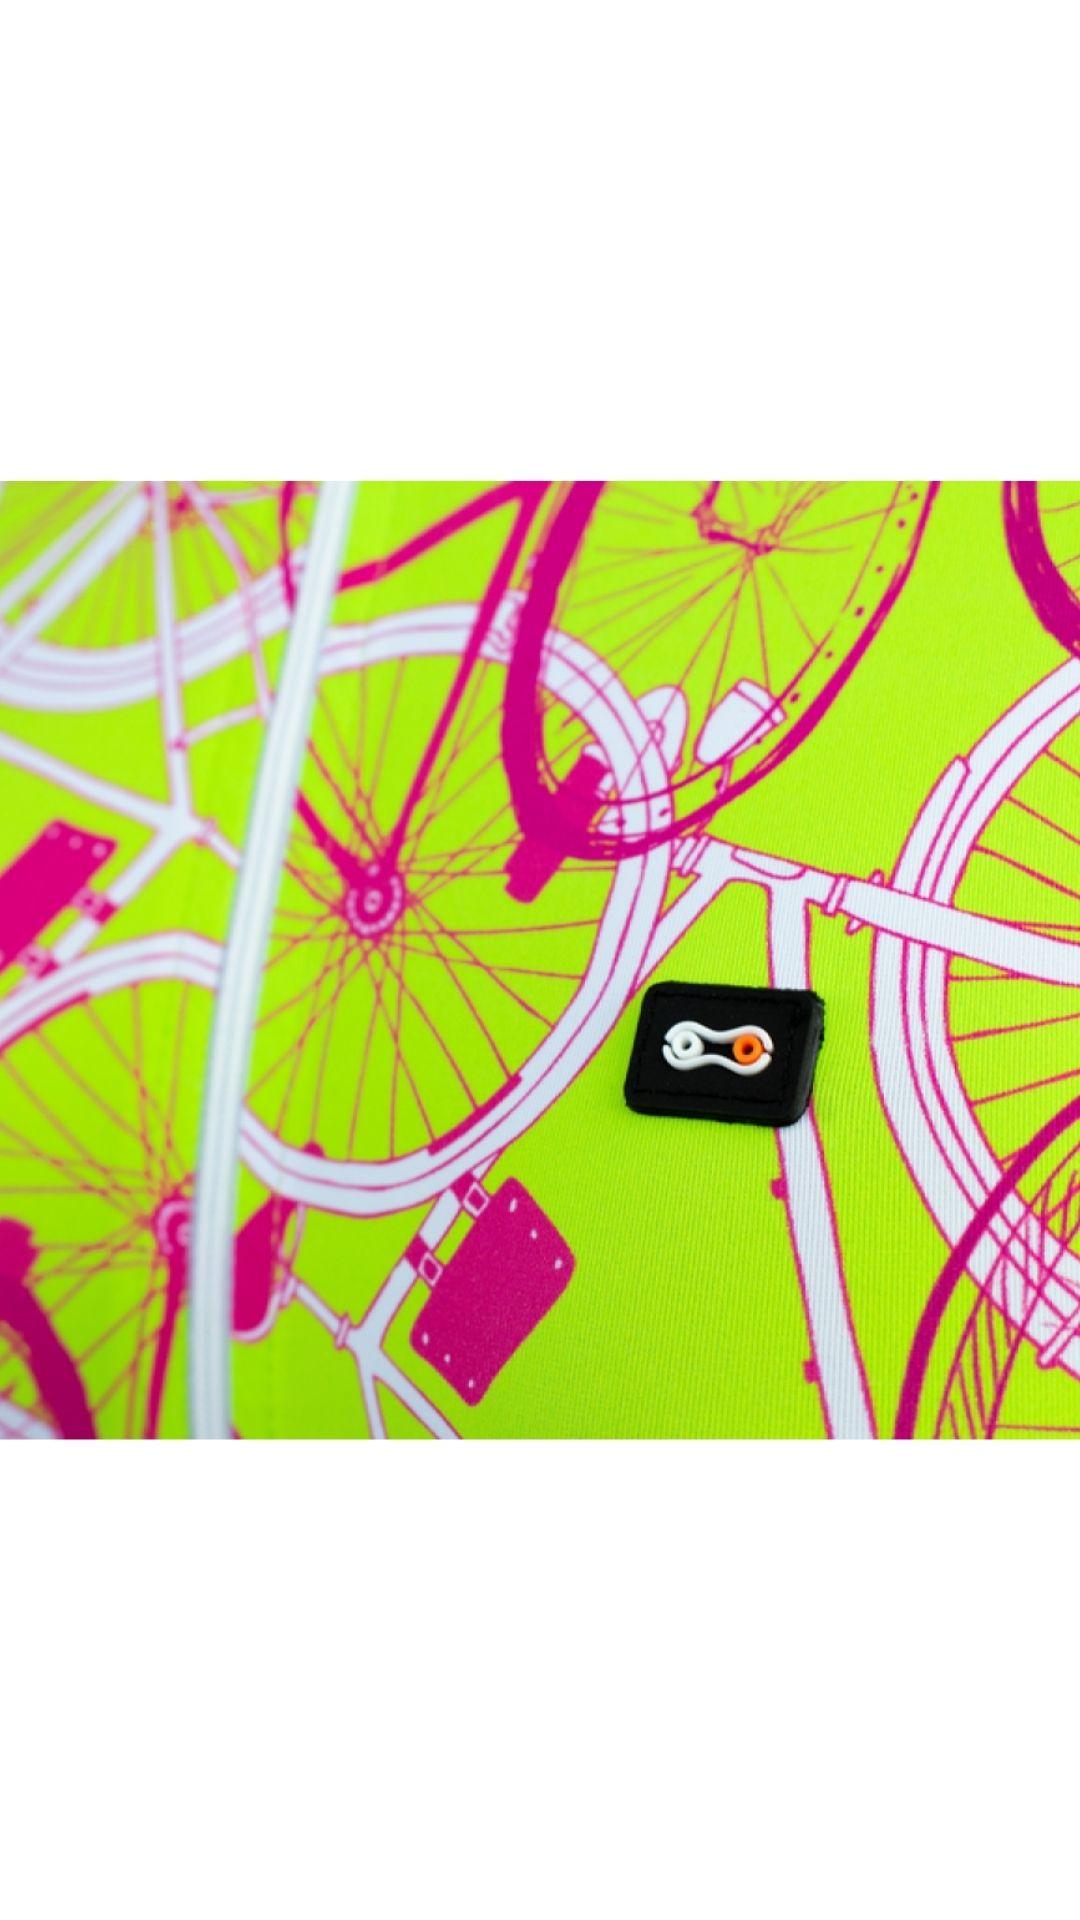 Camisa de Ciclismo Feminino Márcio May - Funny Neon Bike